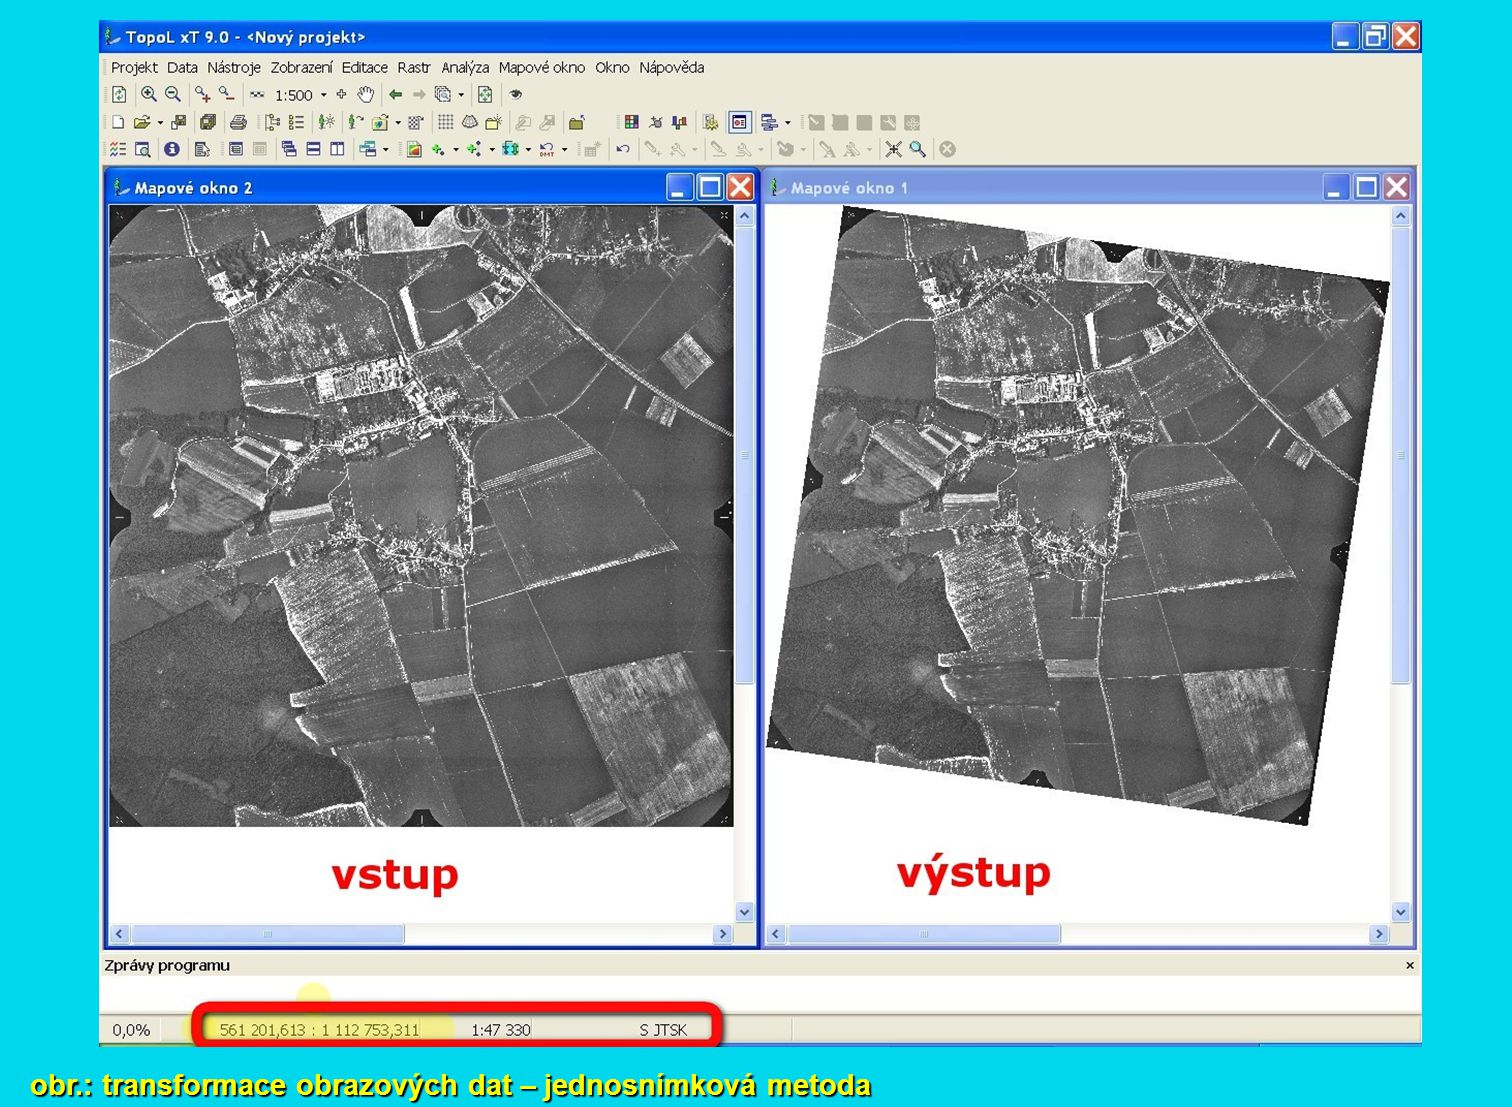 obr.: transformace obrazových dat – jednosnímková metoda